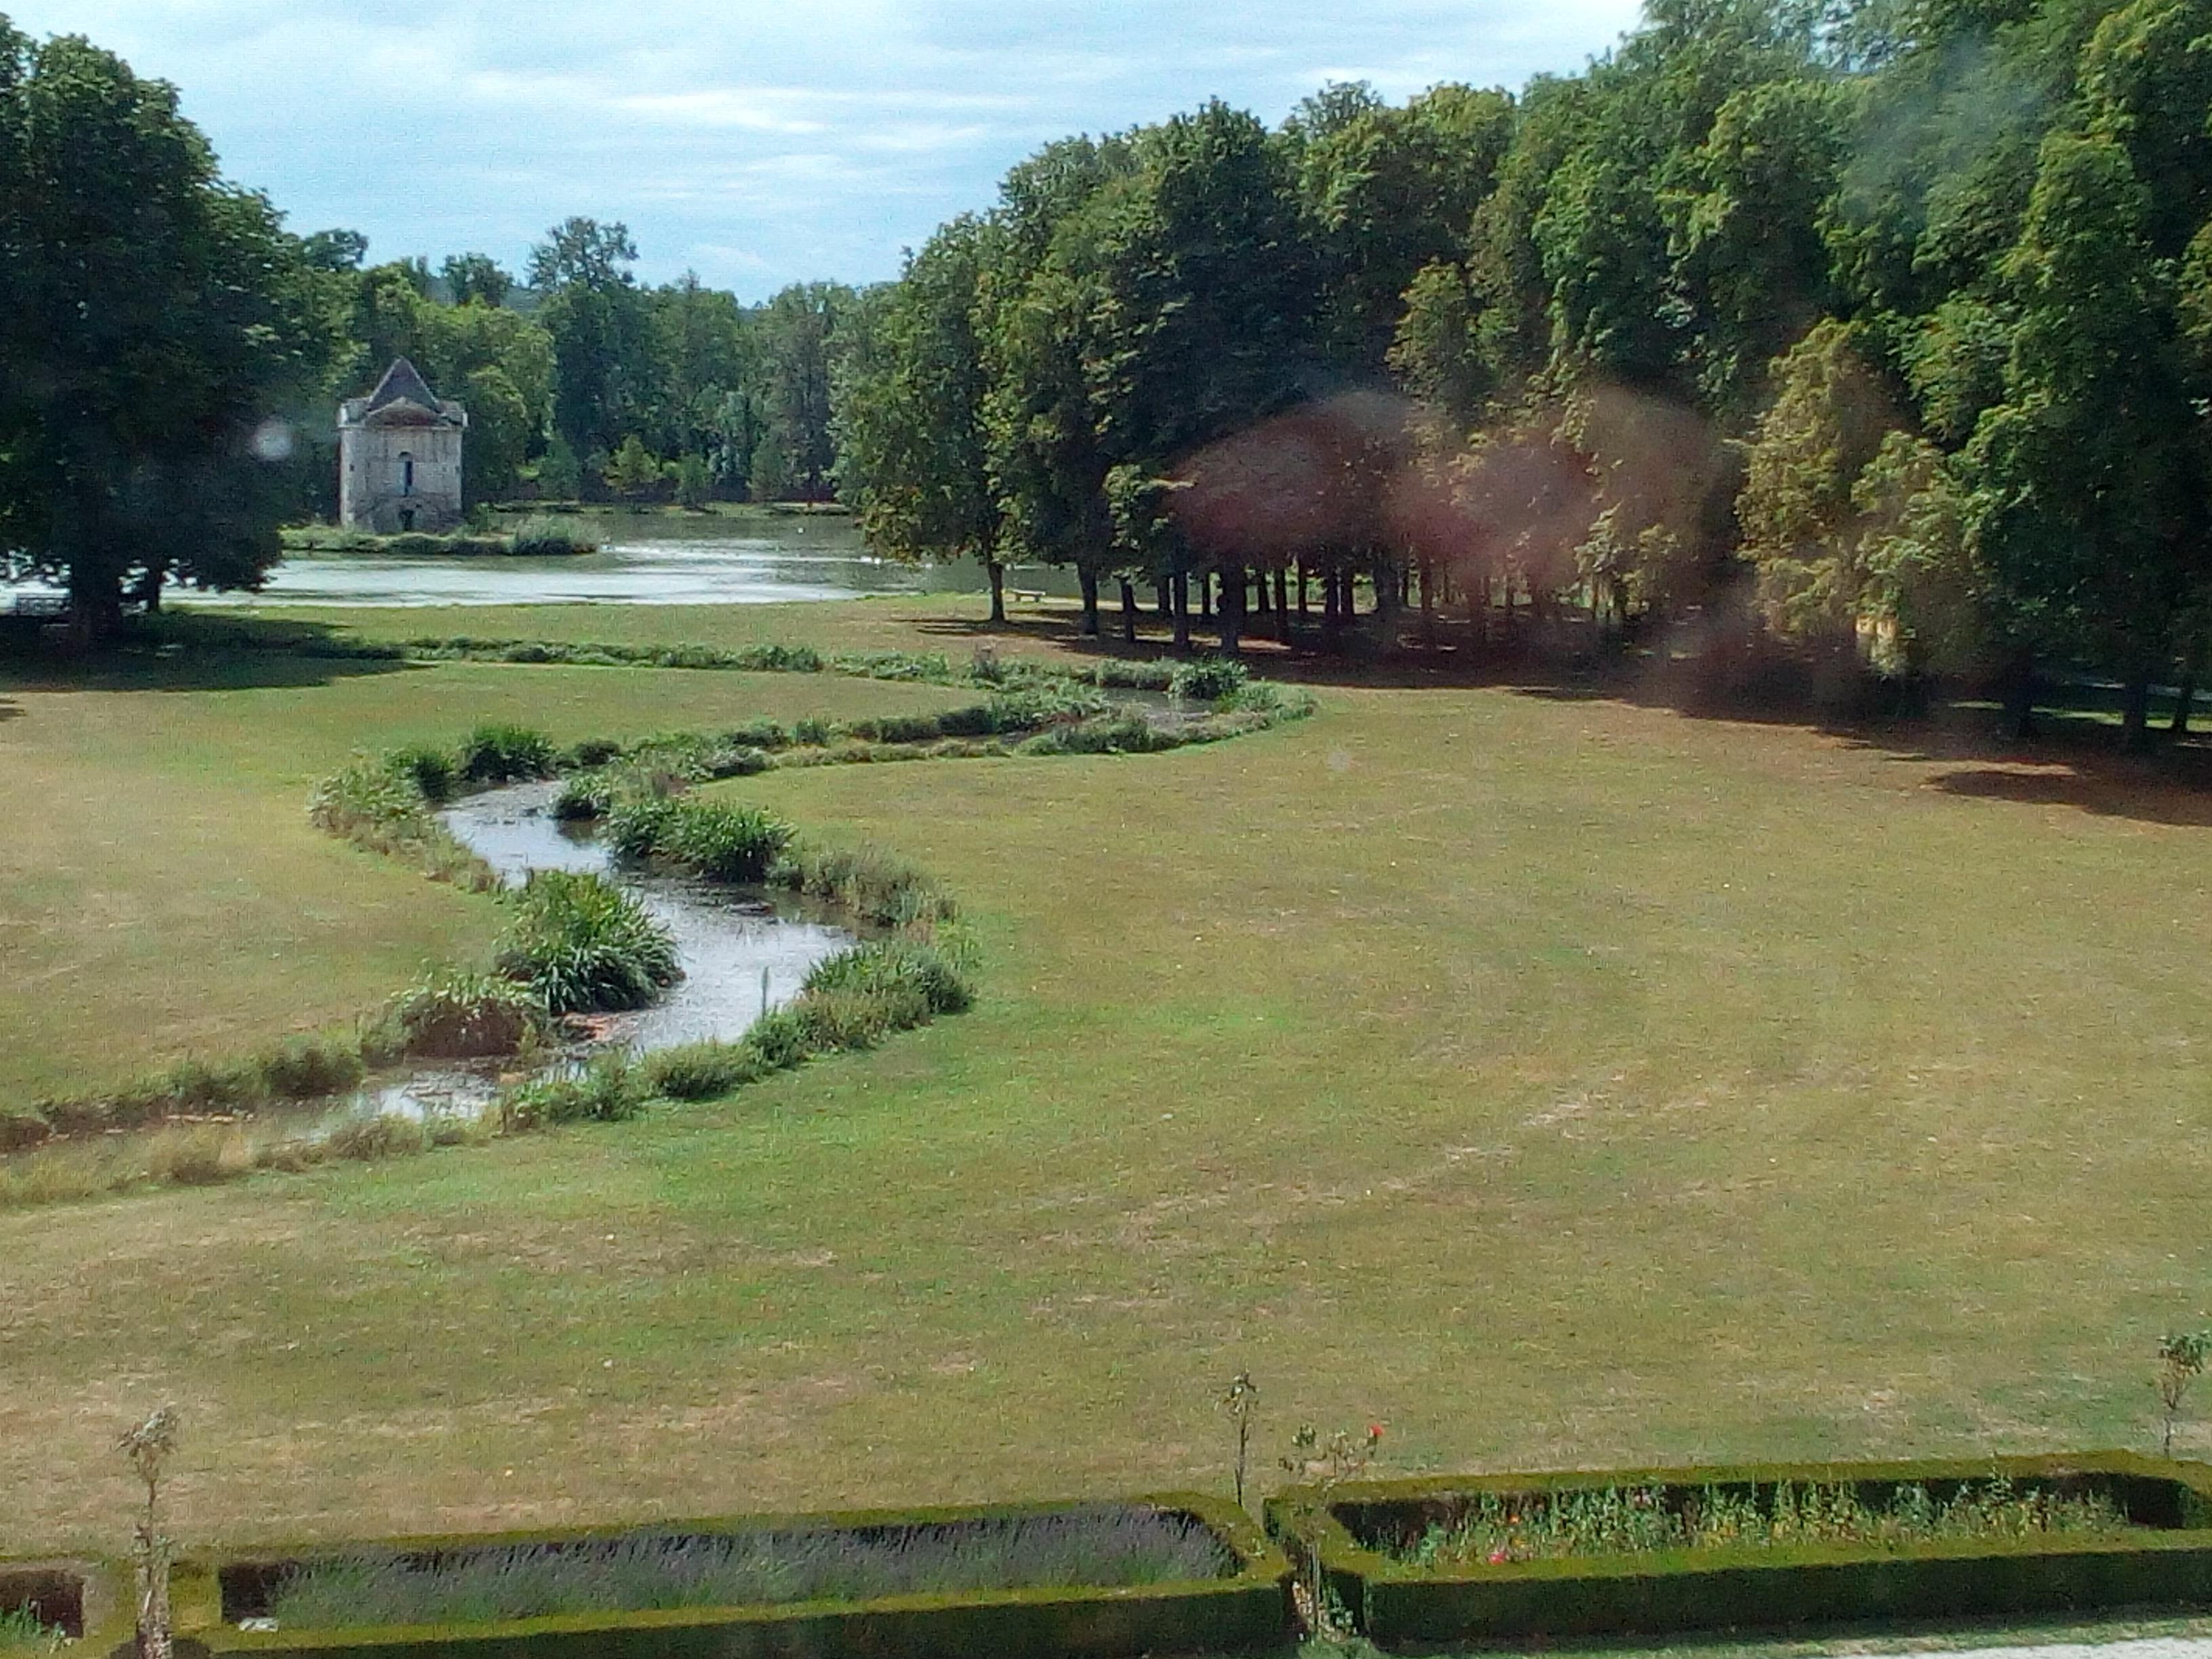 Château d'Ancy-le-Franc a serpentine, la pièce et d'eau et sa «folie» datant du milieu du XVIIIe siècle.